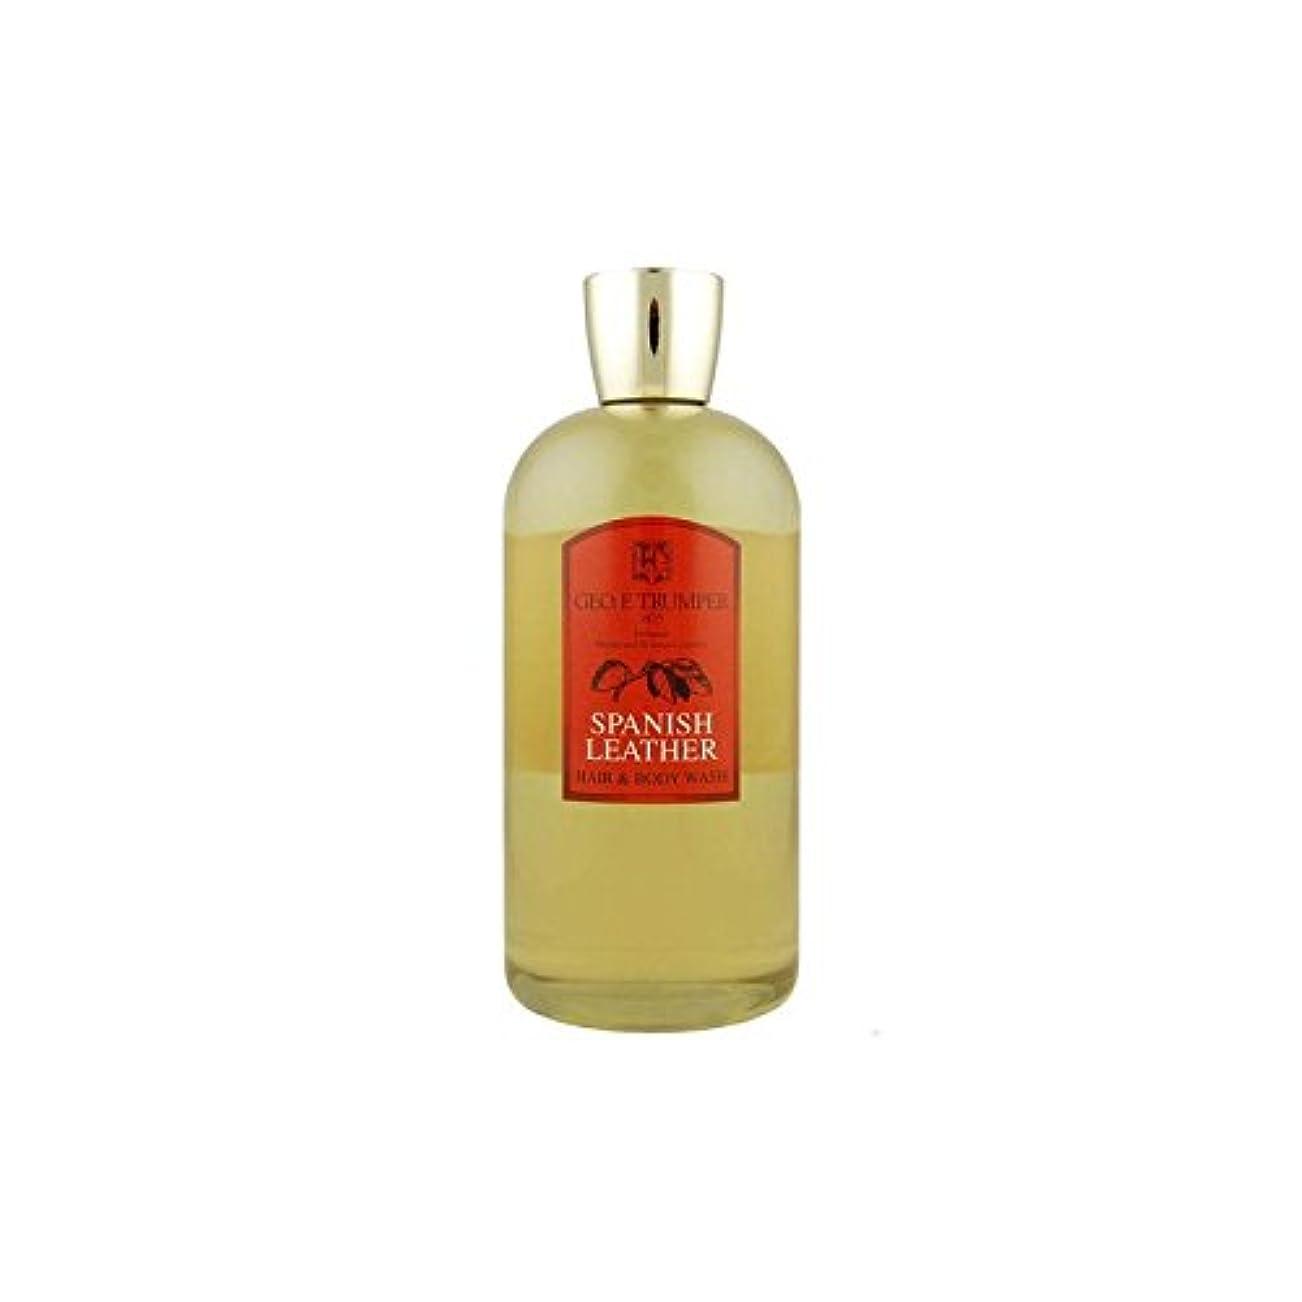 燃やすカレンダーブロック革の髪とボディウォッシュスペイン語 - 500ボトル x4 - Trumpers Spanish Leather Hair and Body Wash - 500mlTravel Bottle (Pack of 4) [並行輸入品]